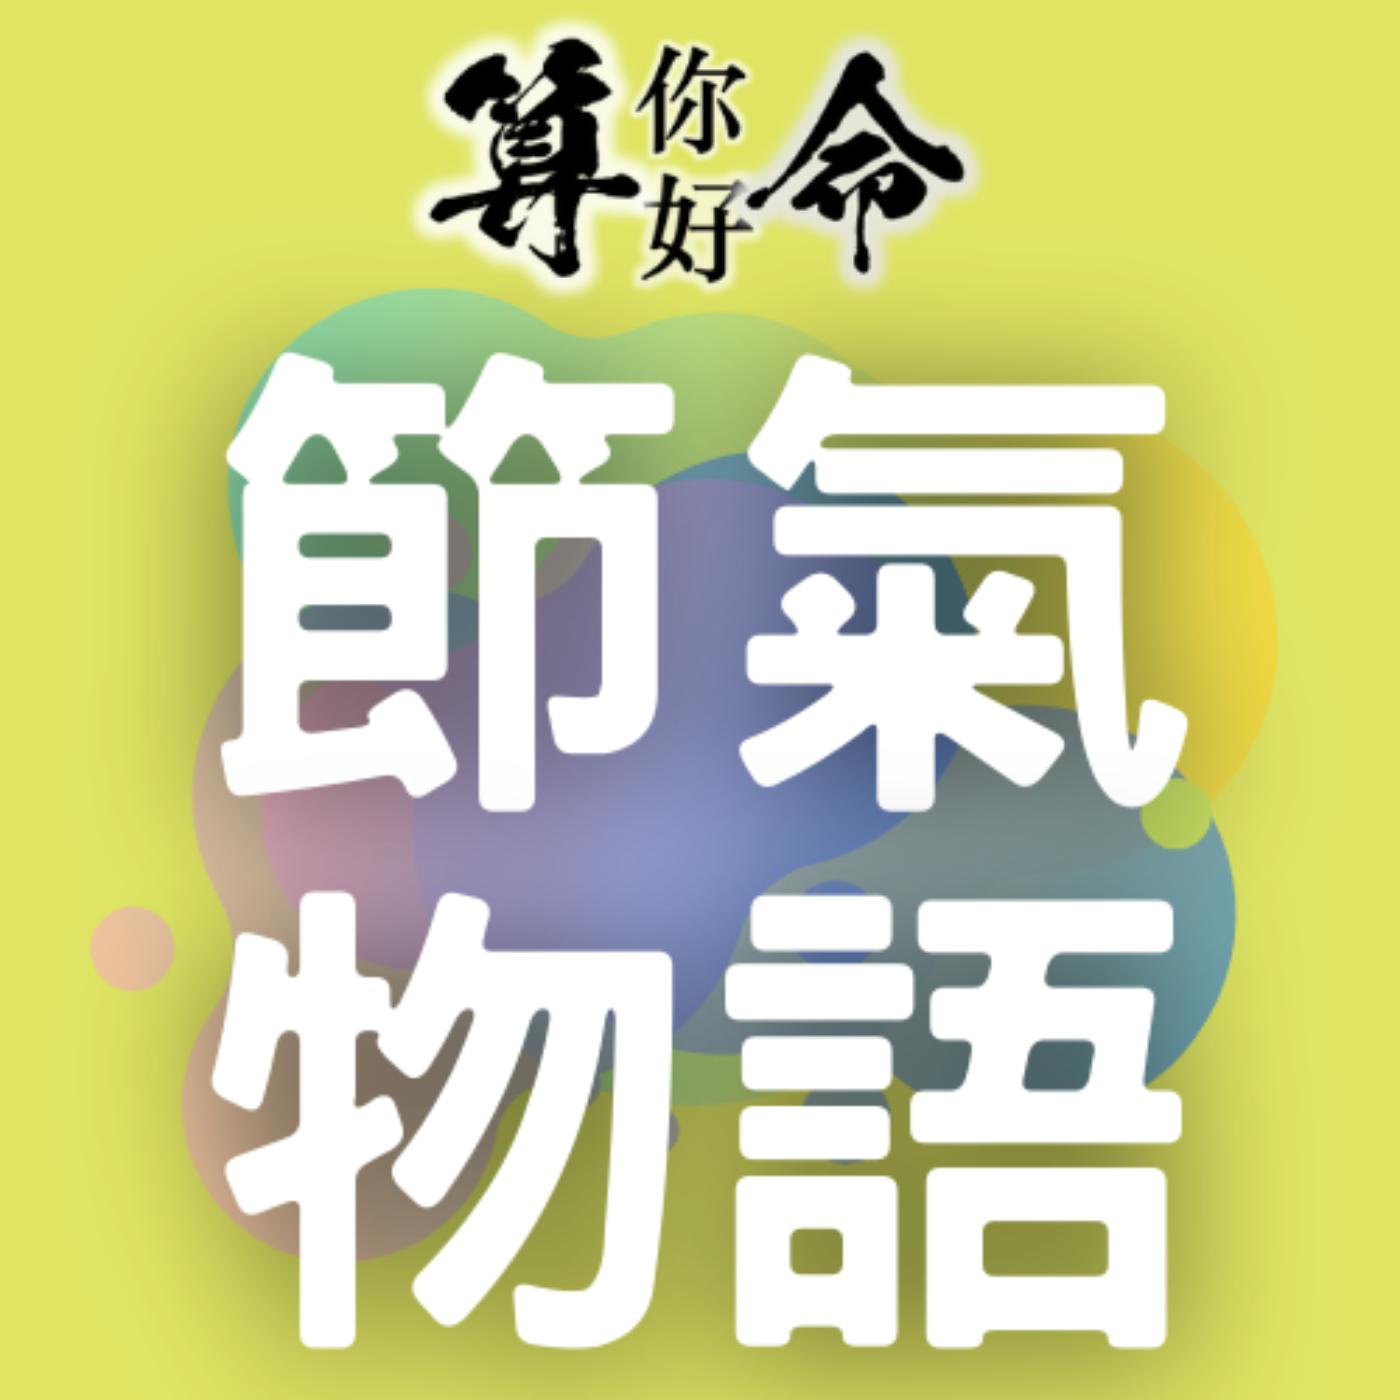 15-節氣物語|驚蟄X山雞椒精油-東西方驅蟲的古智慧